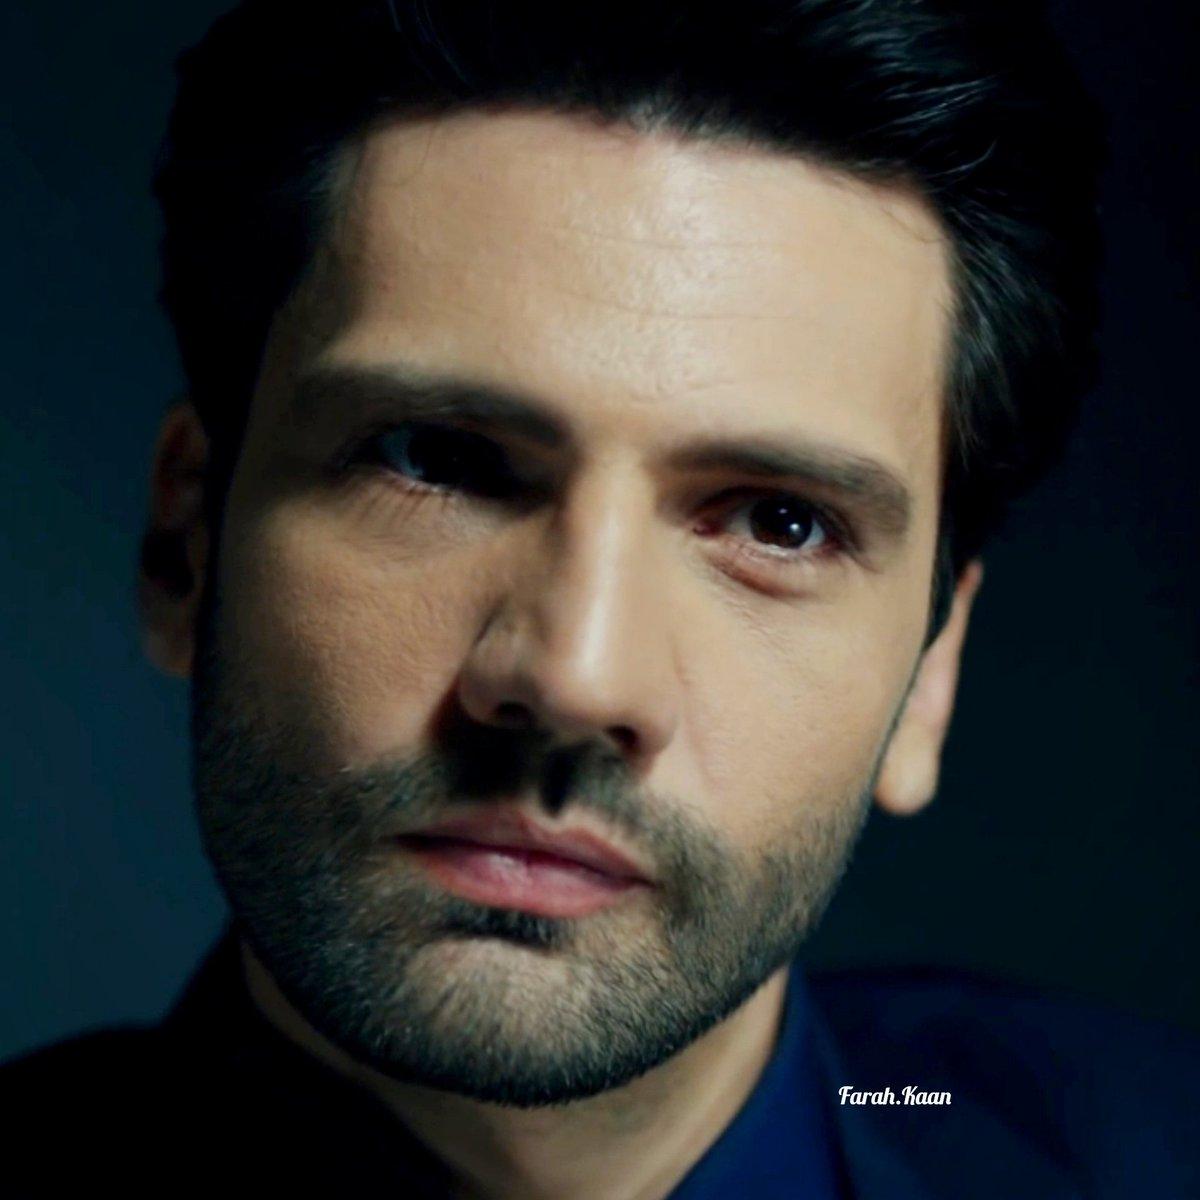 также используется каан урганджиоглу фото турецкий актер личная жизнь закончила